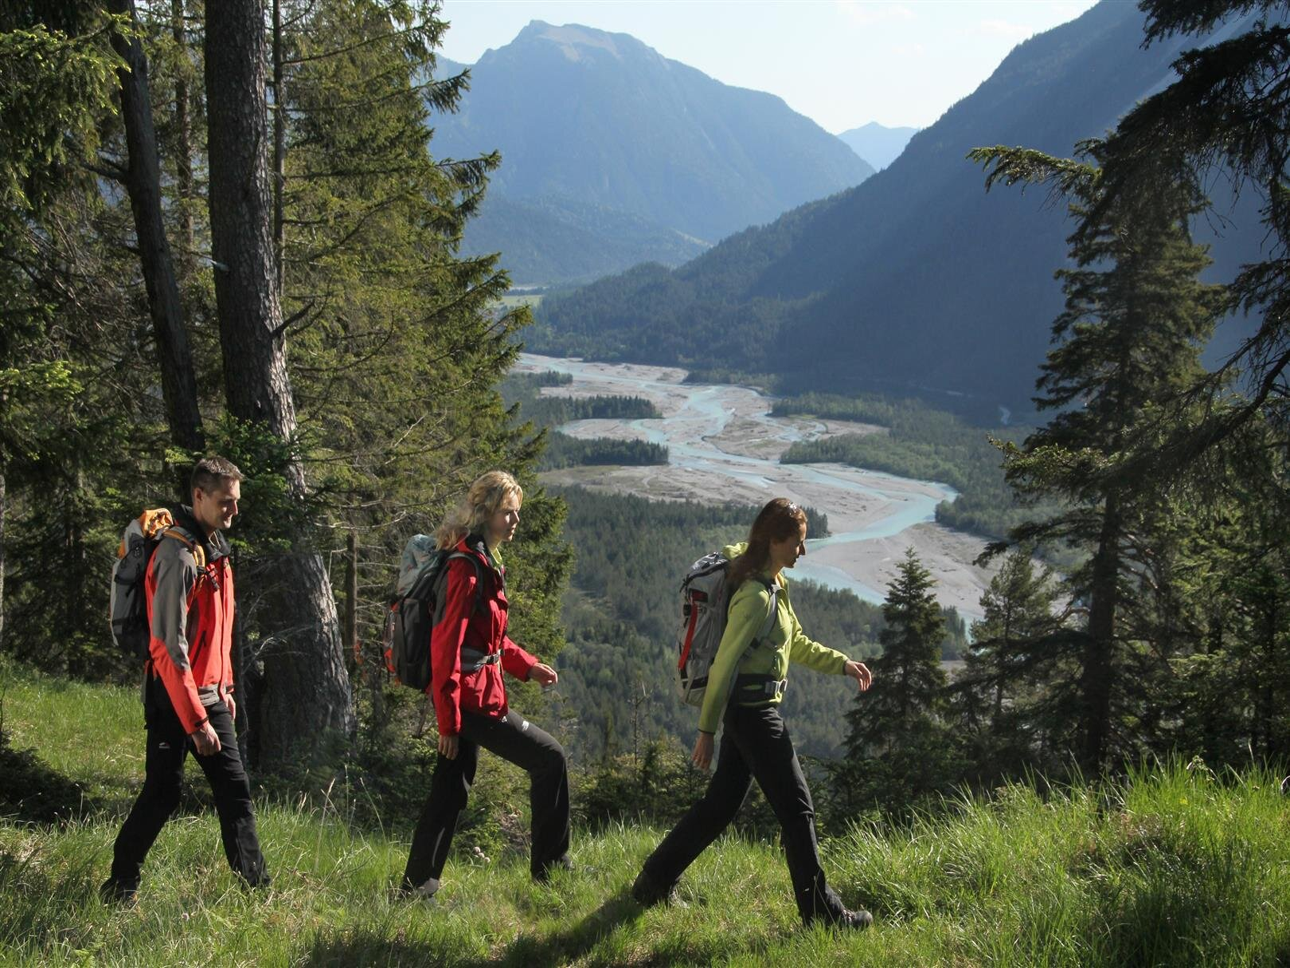 Winterwanderwege am Ortsrand von Höfen